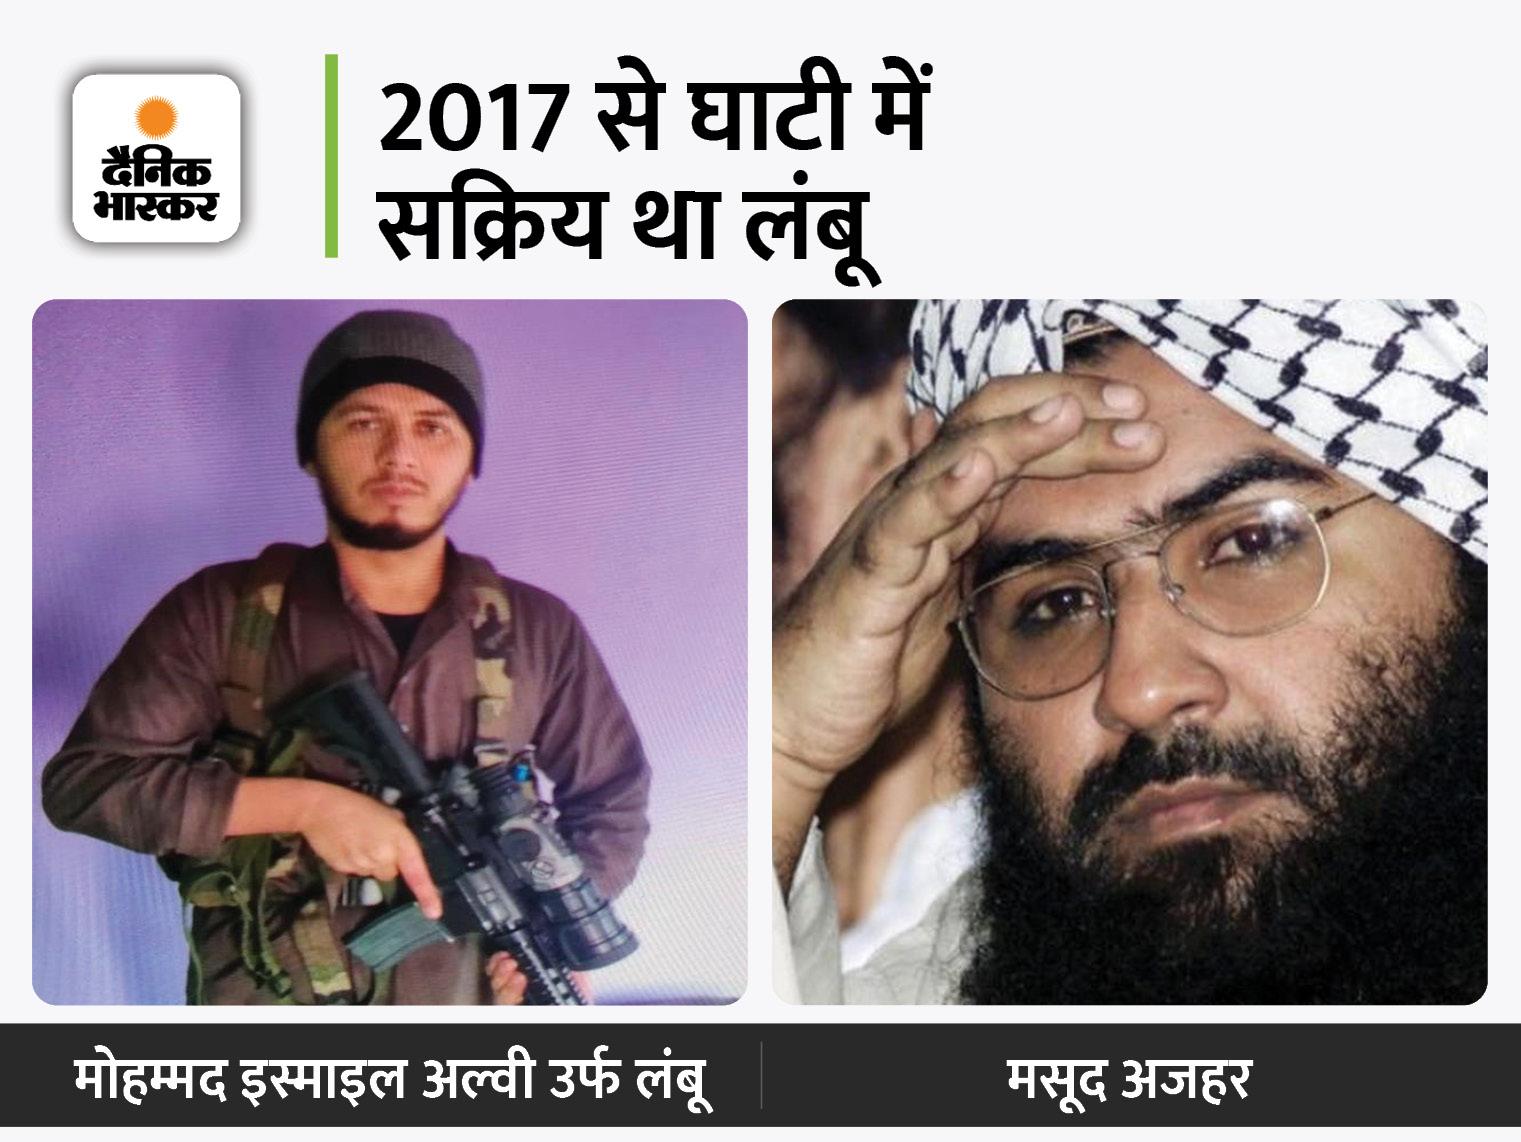 पुलवामा हमले की साजिश में शामिल लंबू भी मारा गया; जैश के सरगना मसूद अजहर का रिश्तेदार था|देश,National - Dainik Bhaskar